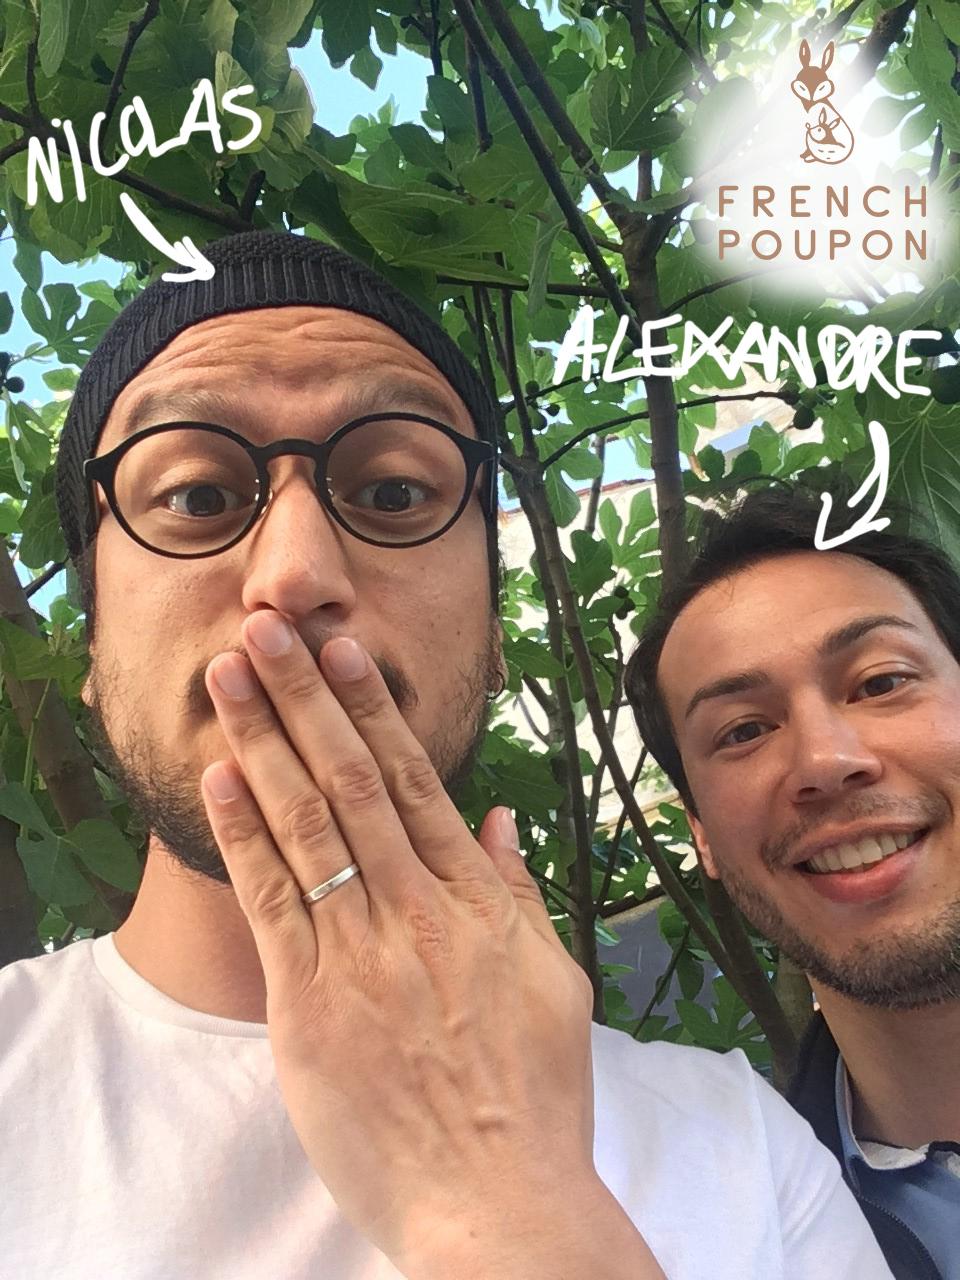 EN TANDEM #2 : Alexandre & Nicolas de French Poupon